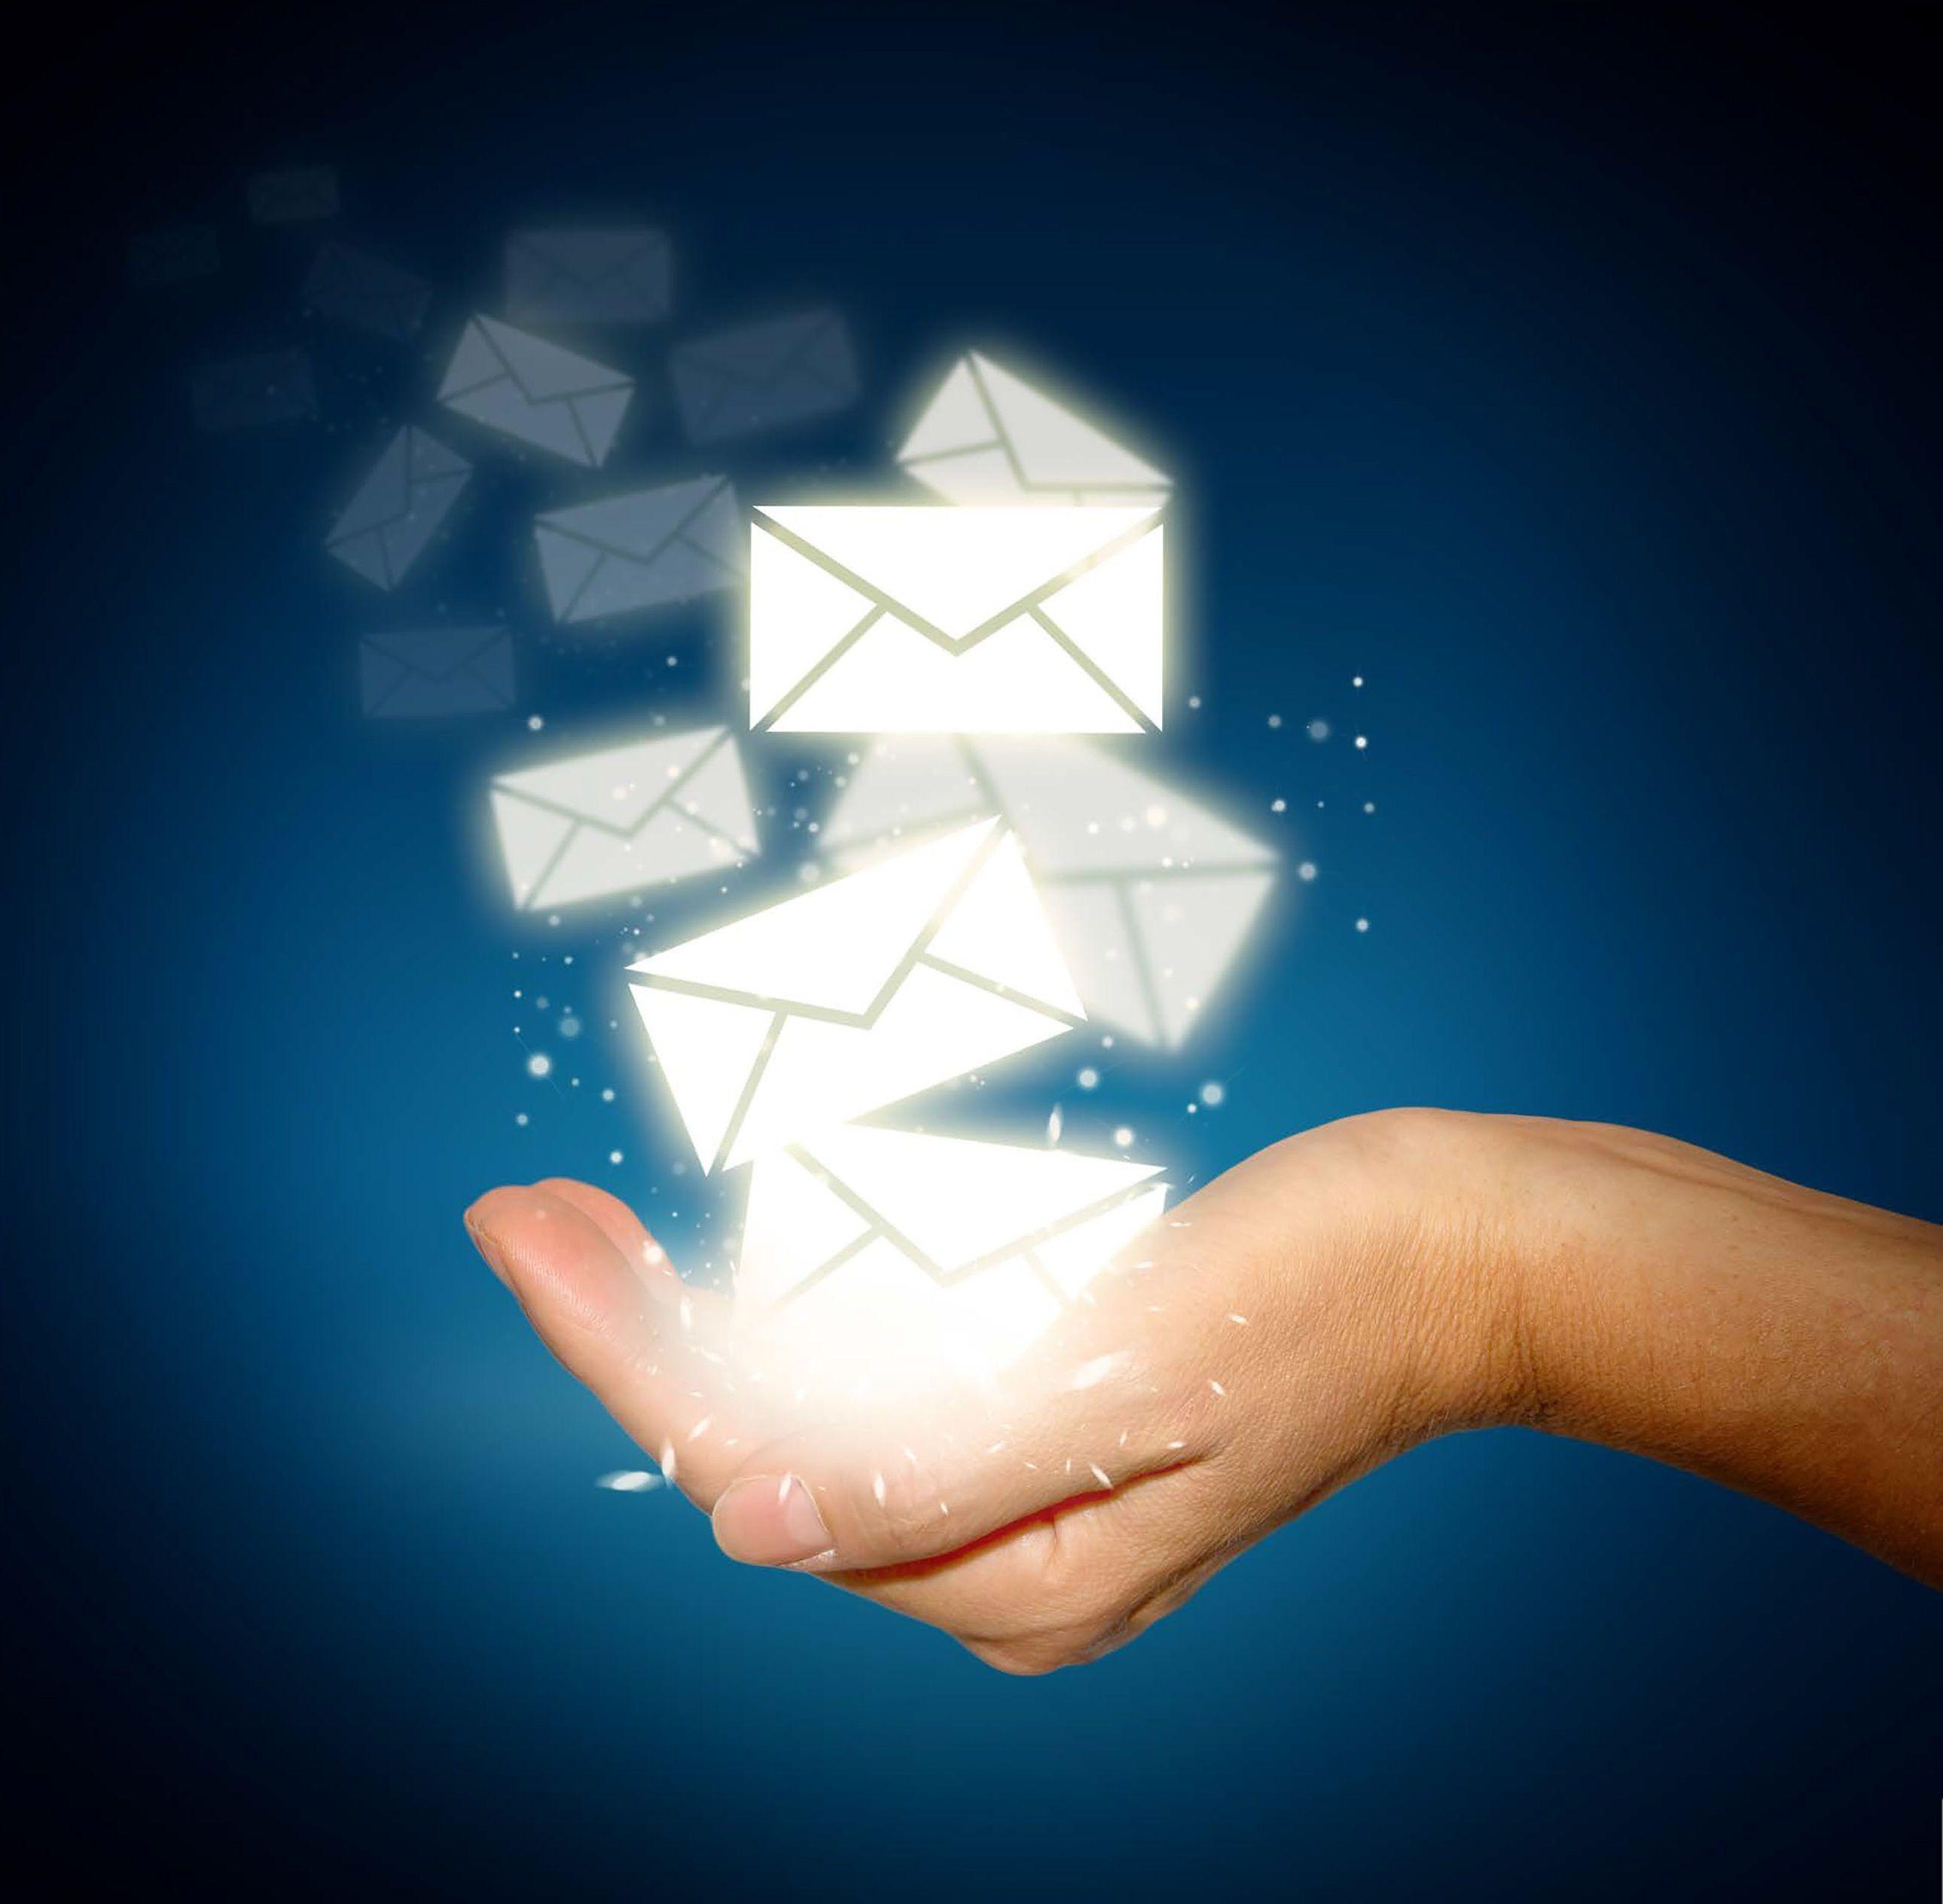 Briefe Falzen Und Kuvertieren Maschine : Pri send gbr